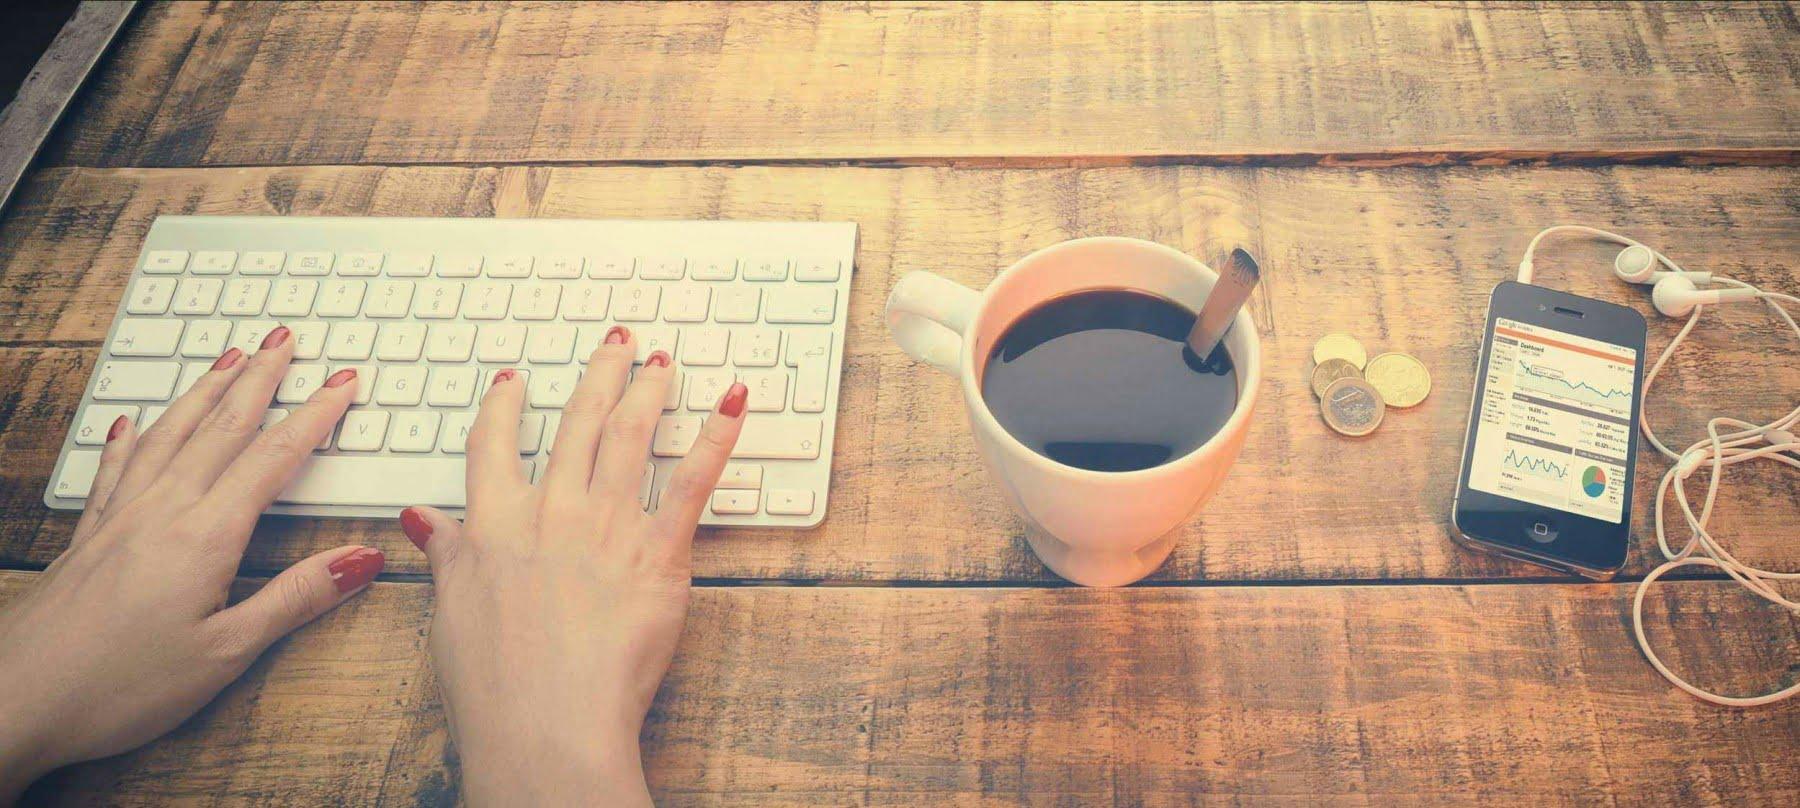 Blog interne : quelles techniques pour rendre son blog visible sur Google ?